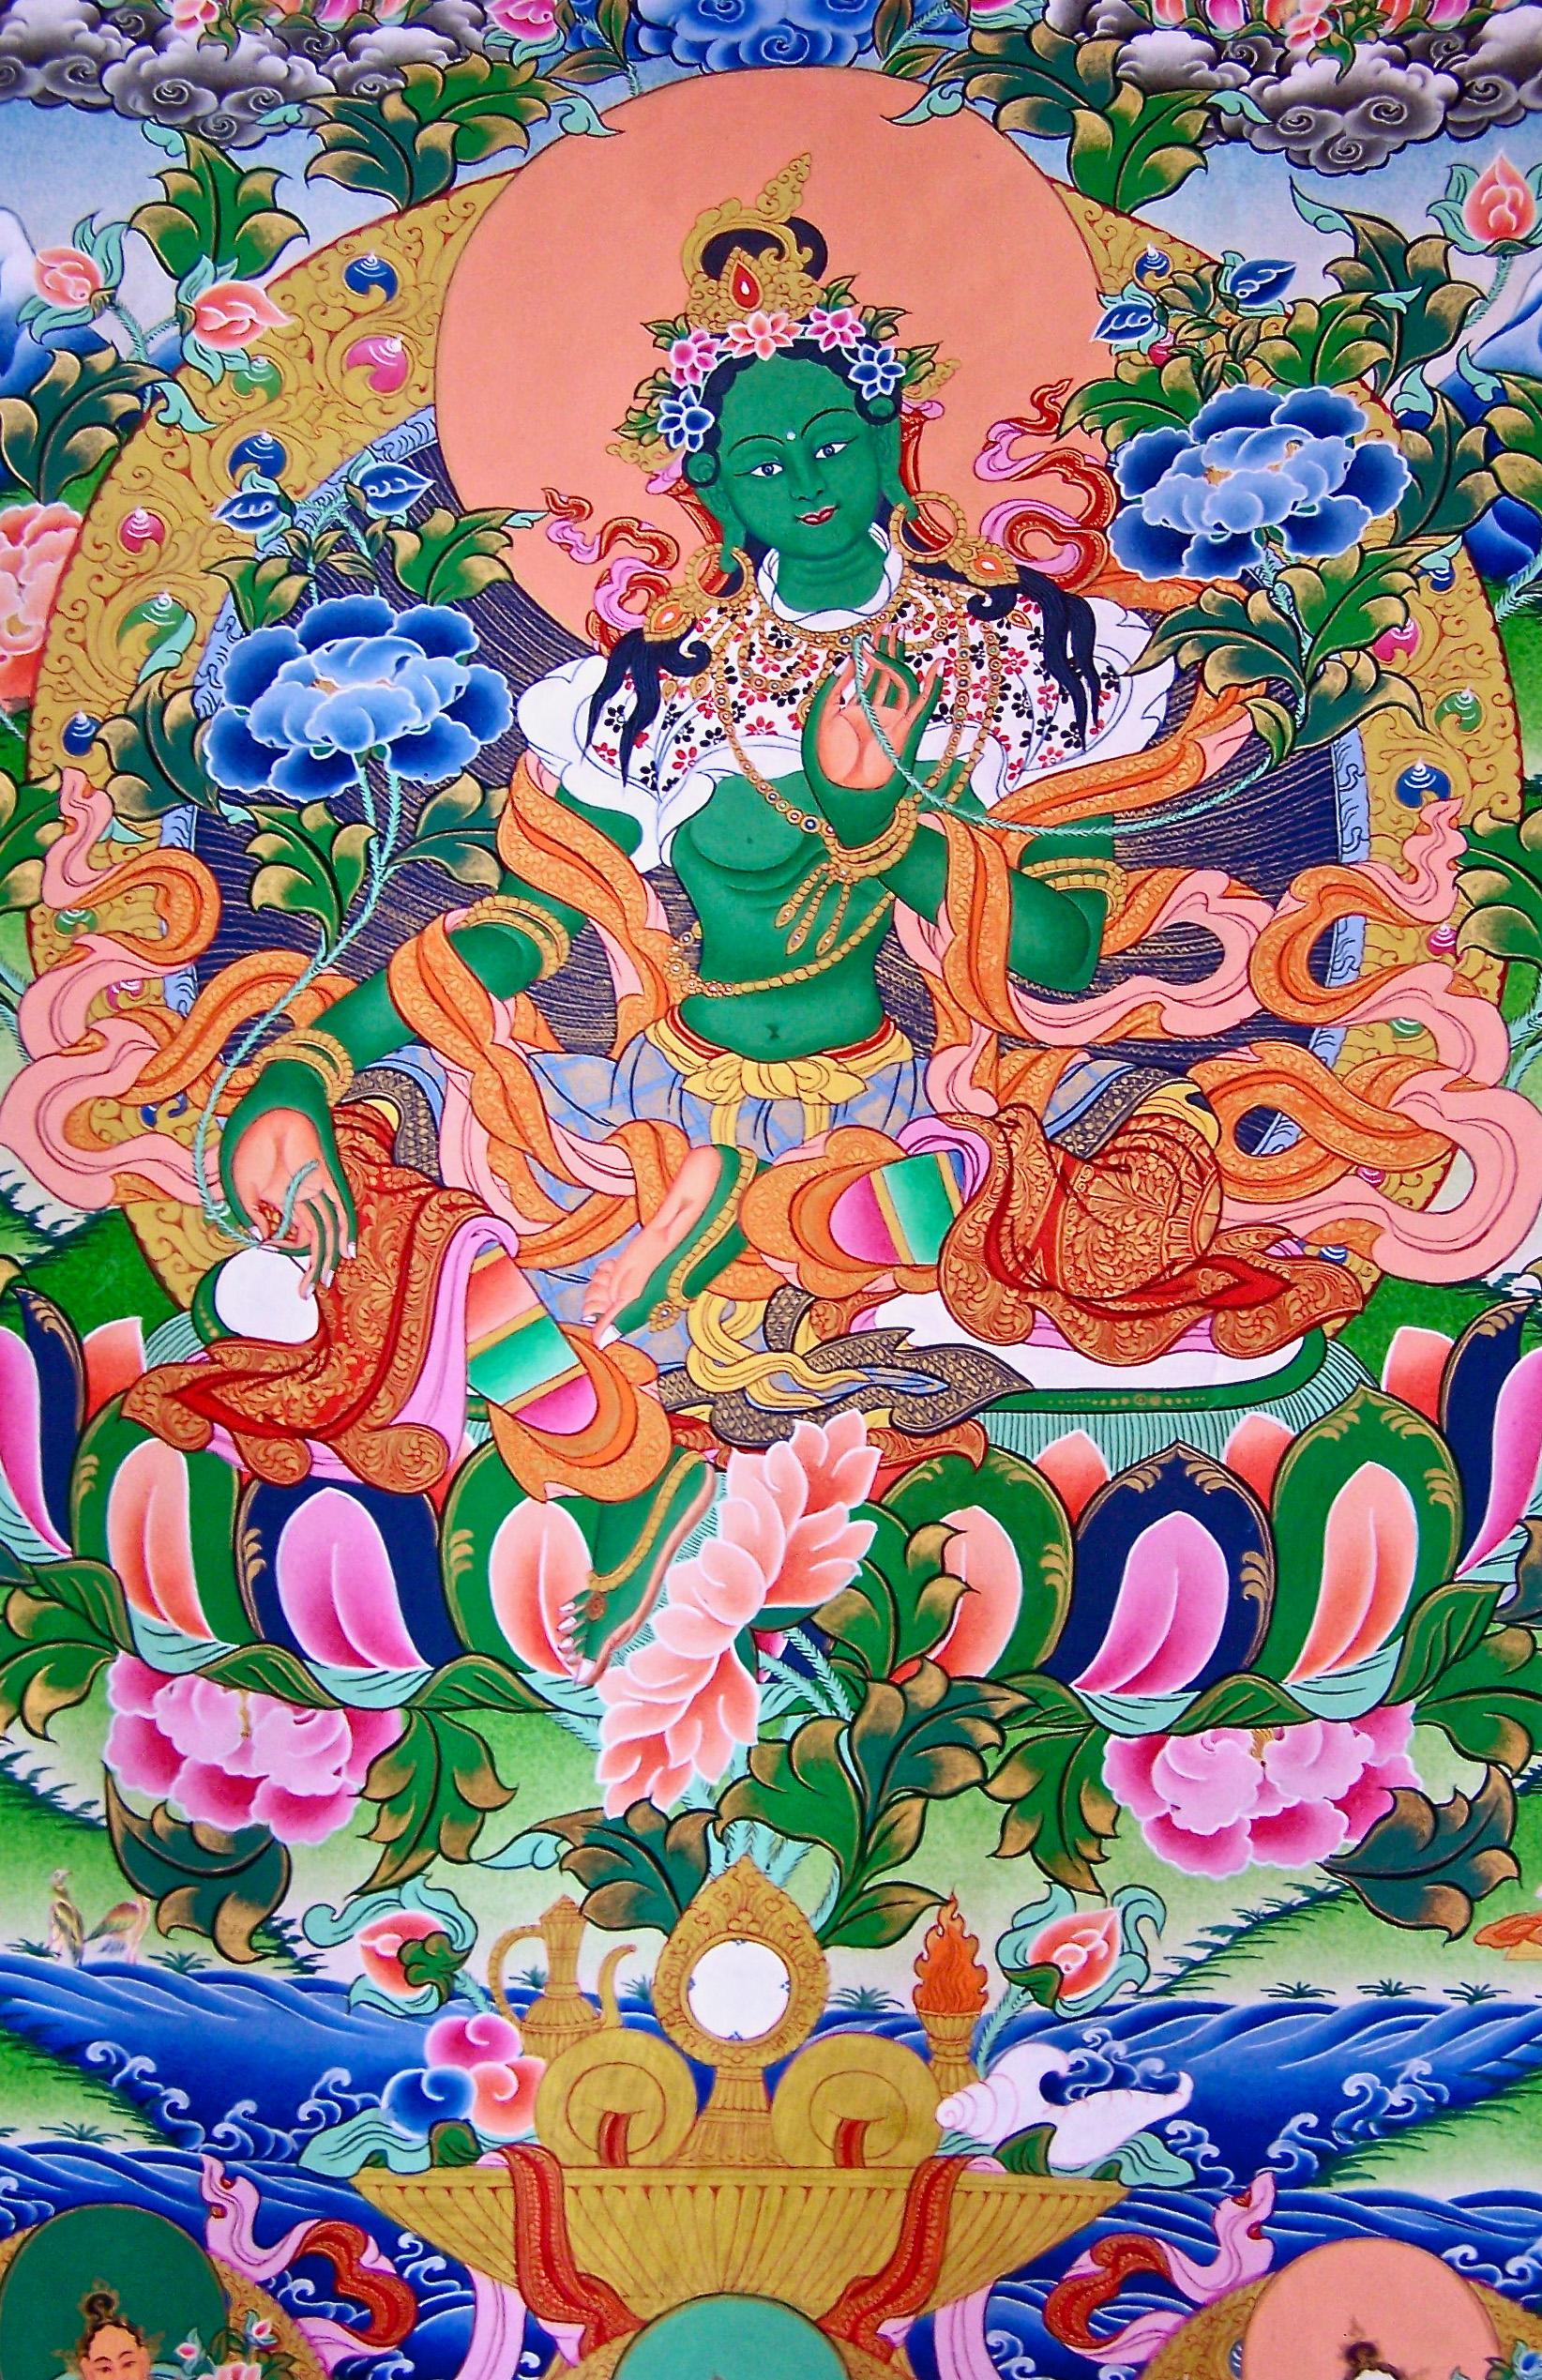 Green Tara 3: Buddhas And Deities